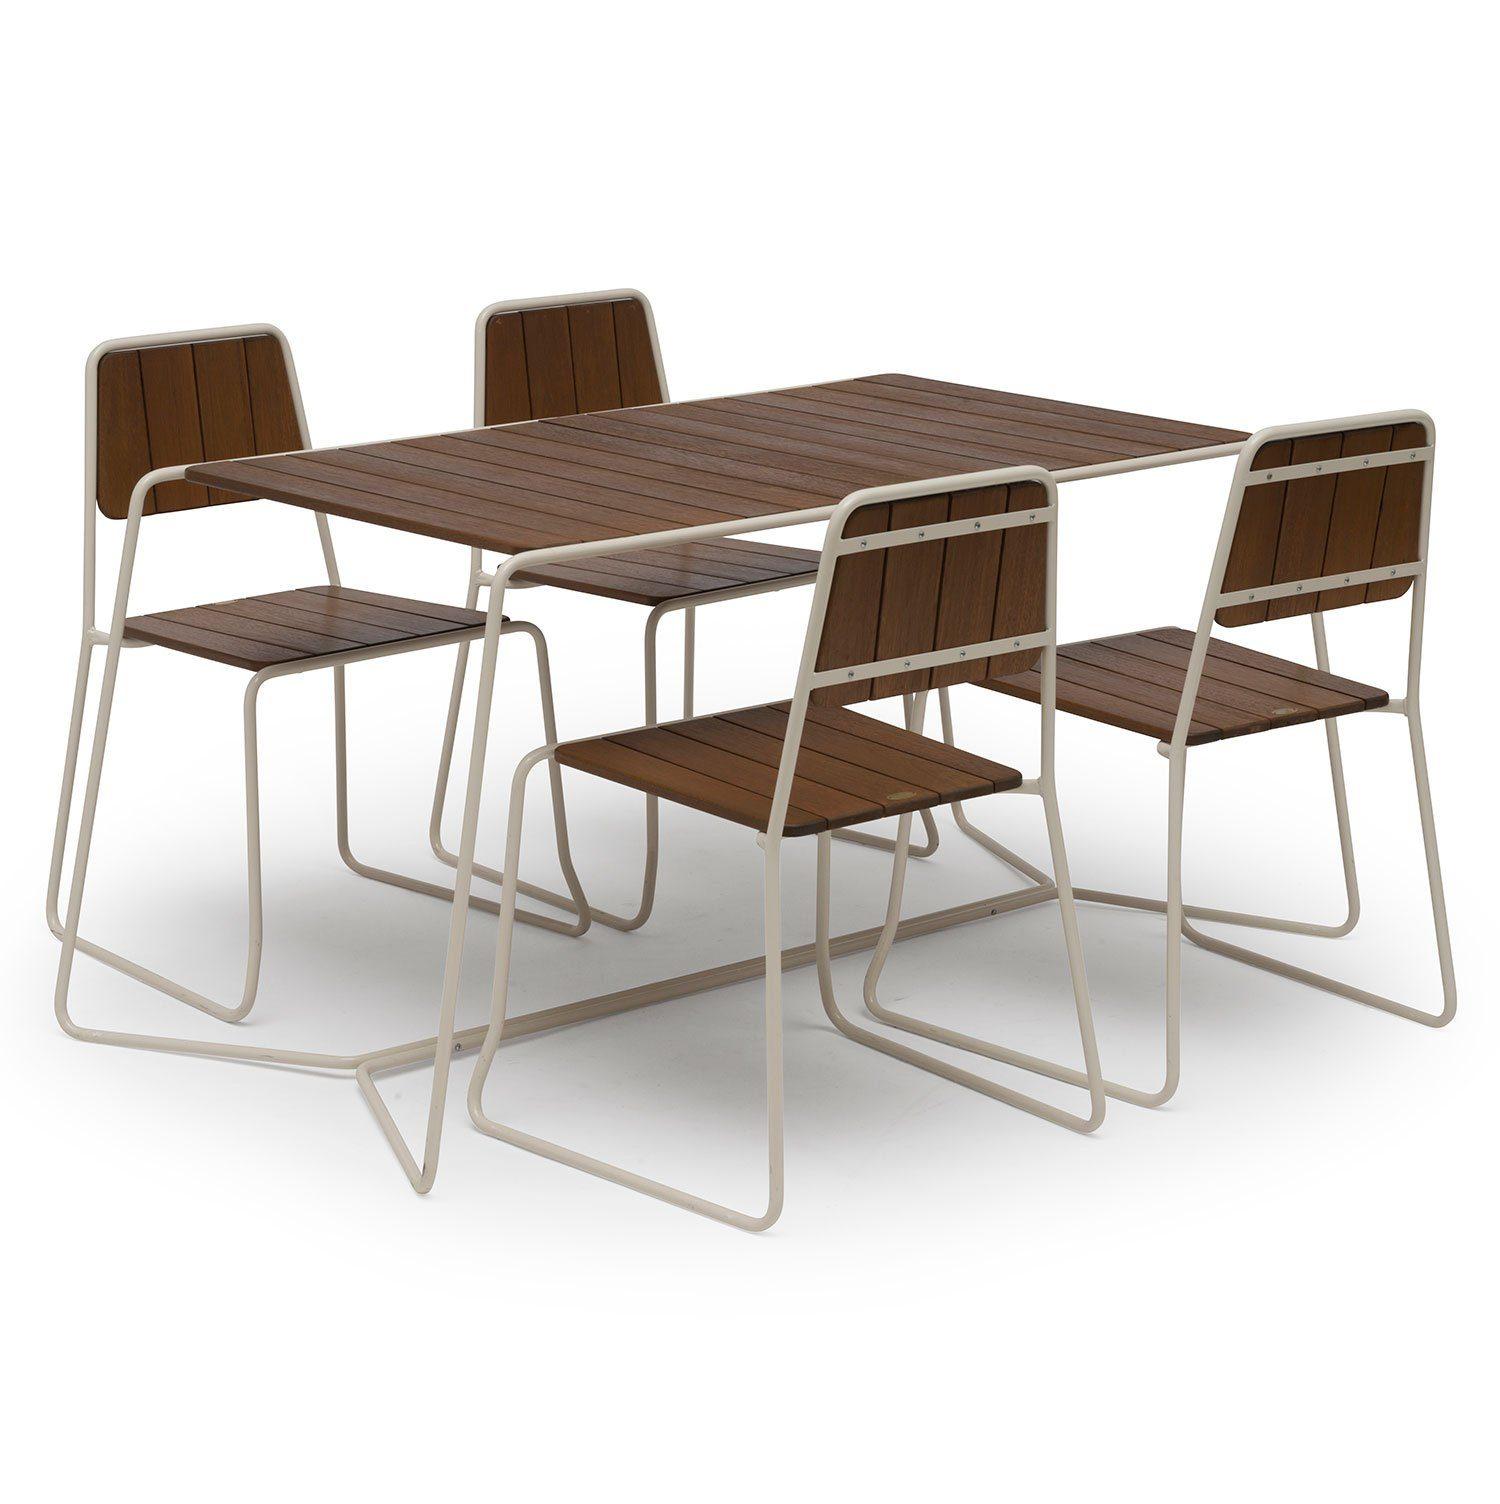 Oas stolar och bord från Hillerstorp Trä.